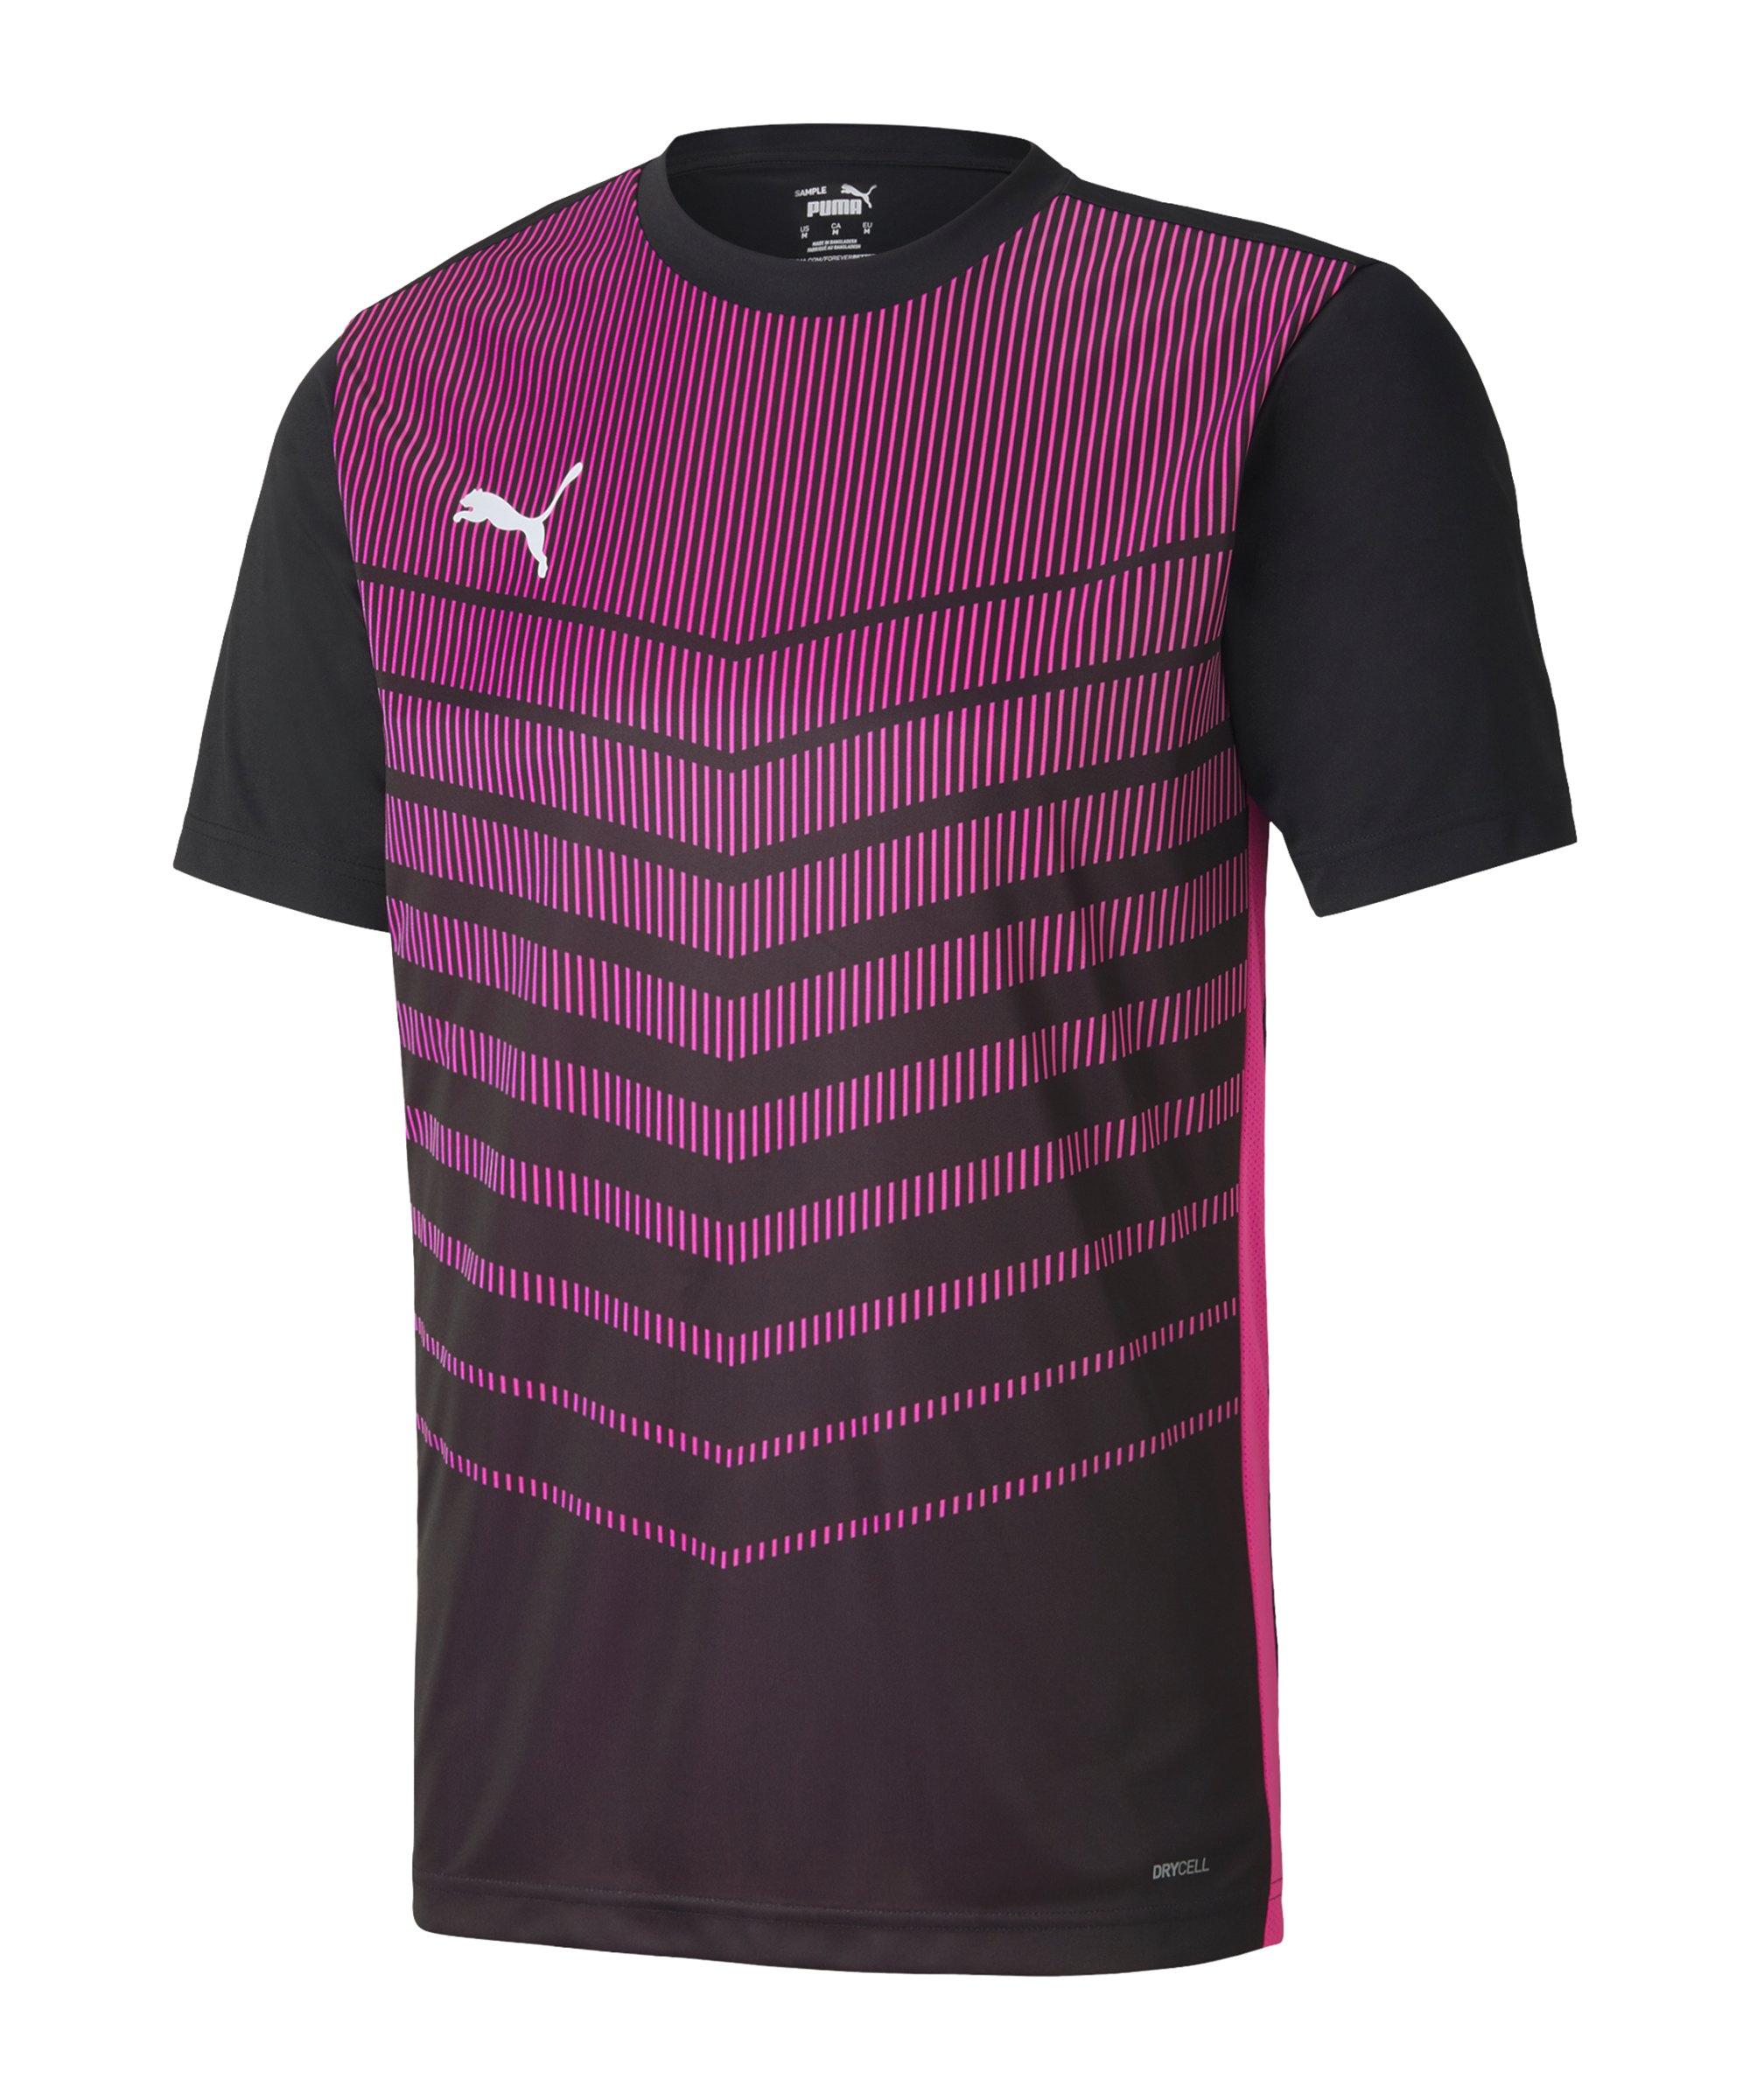 PUMA ftblPLAY Graphic T-Shirt Schwarz F21 - schwarz